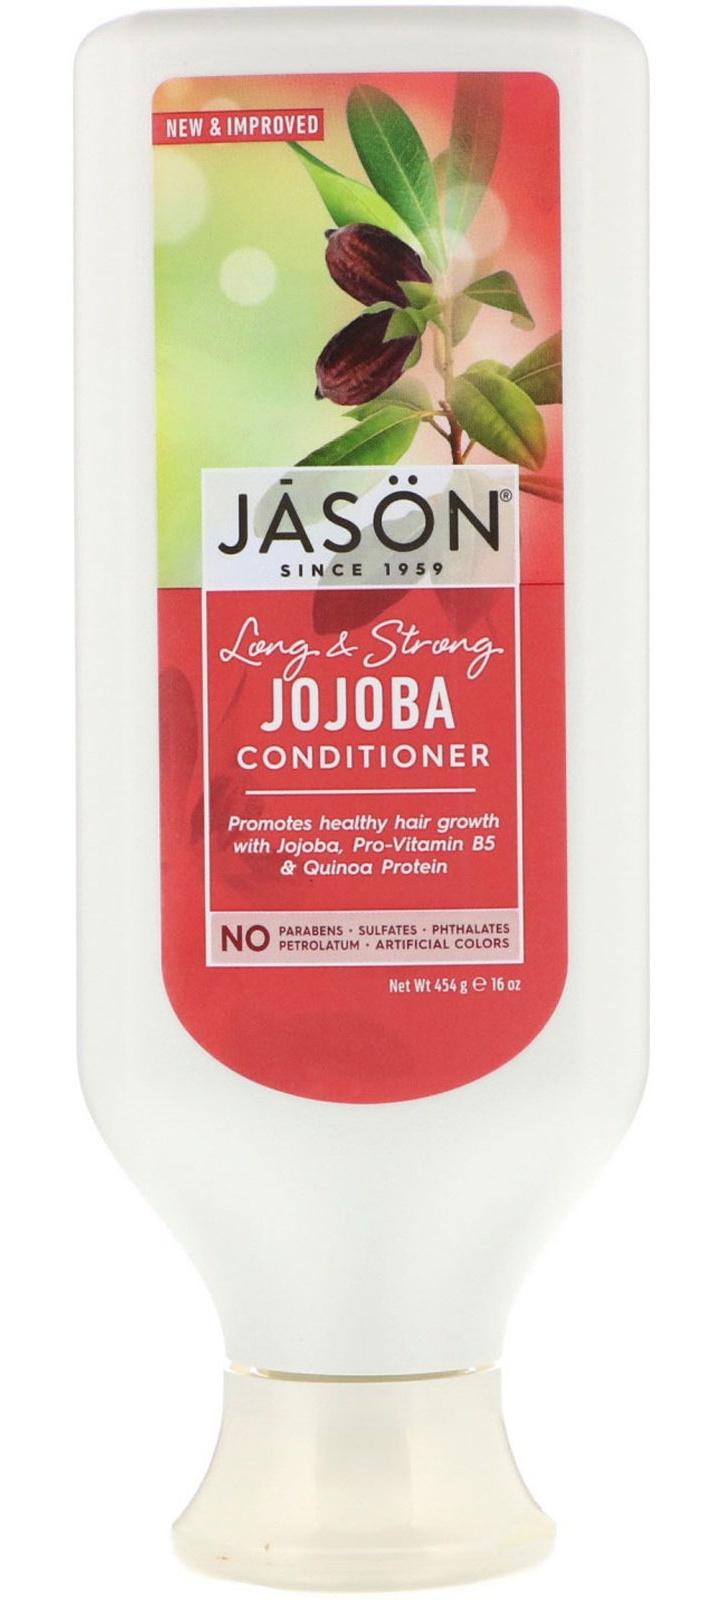 Jason Natural Cosmetics Long & Strong Jojoba Conditioner